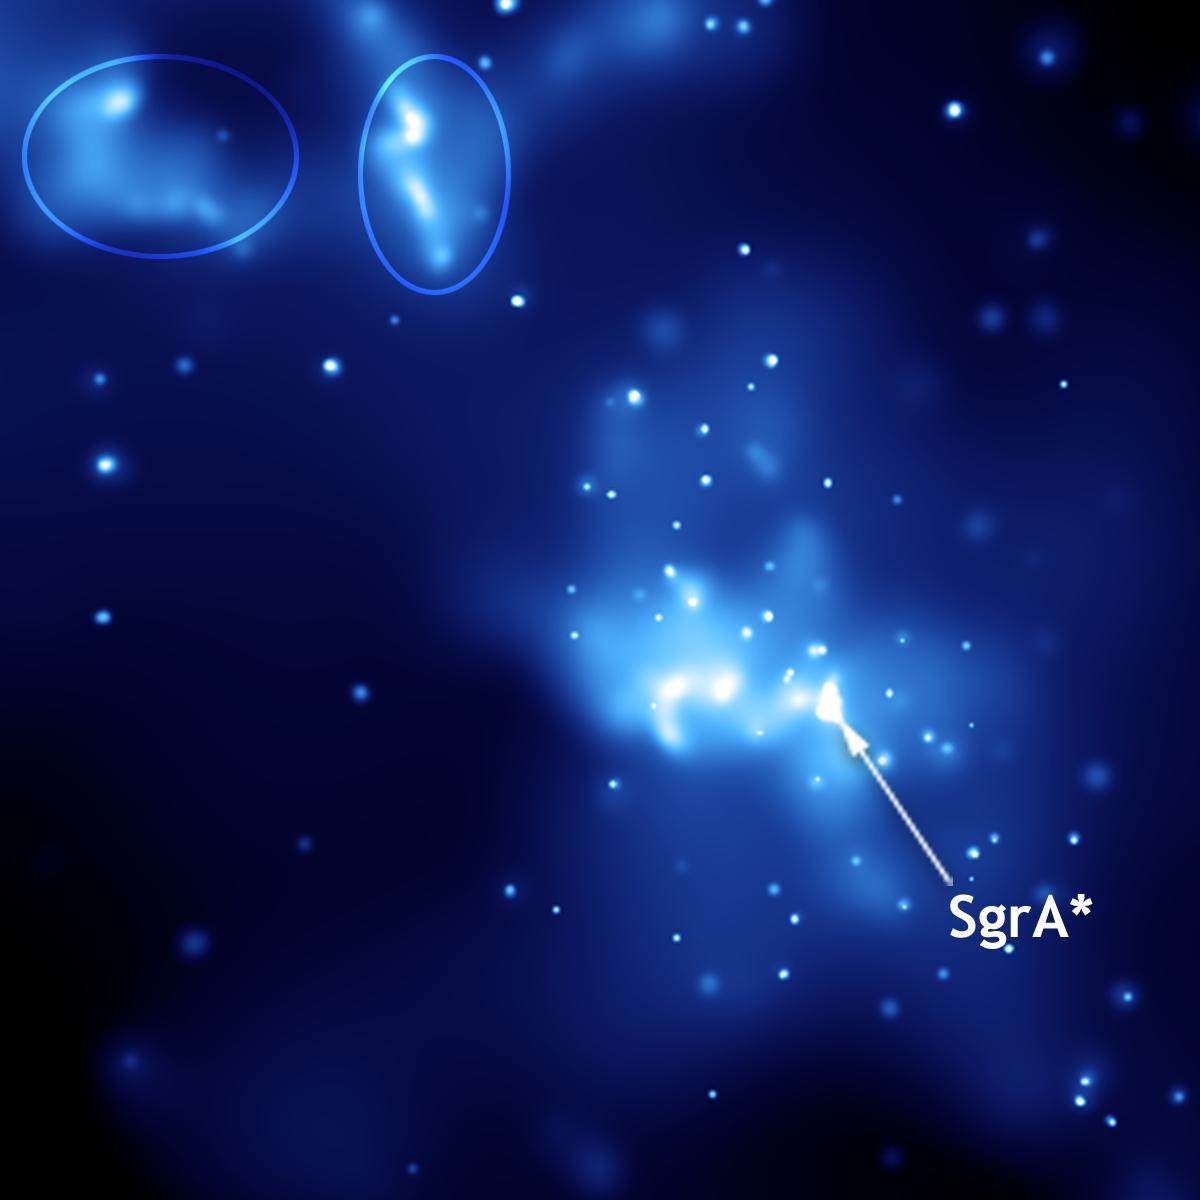 Sagittarius A* - Wikipedia